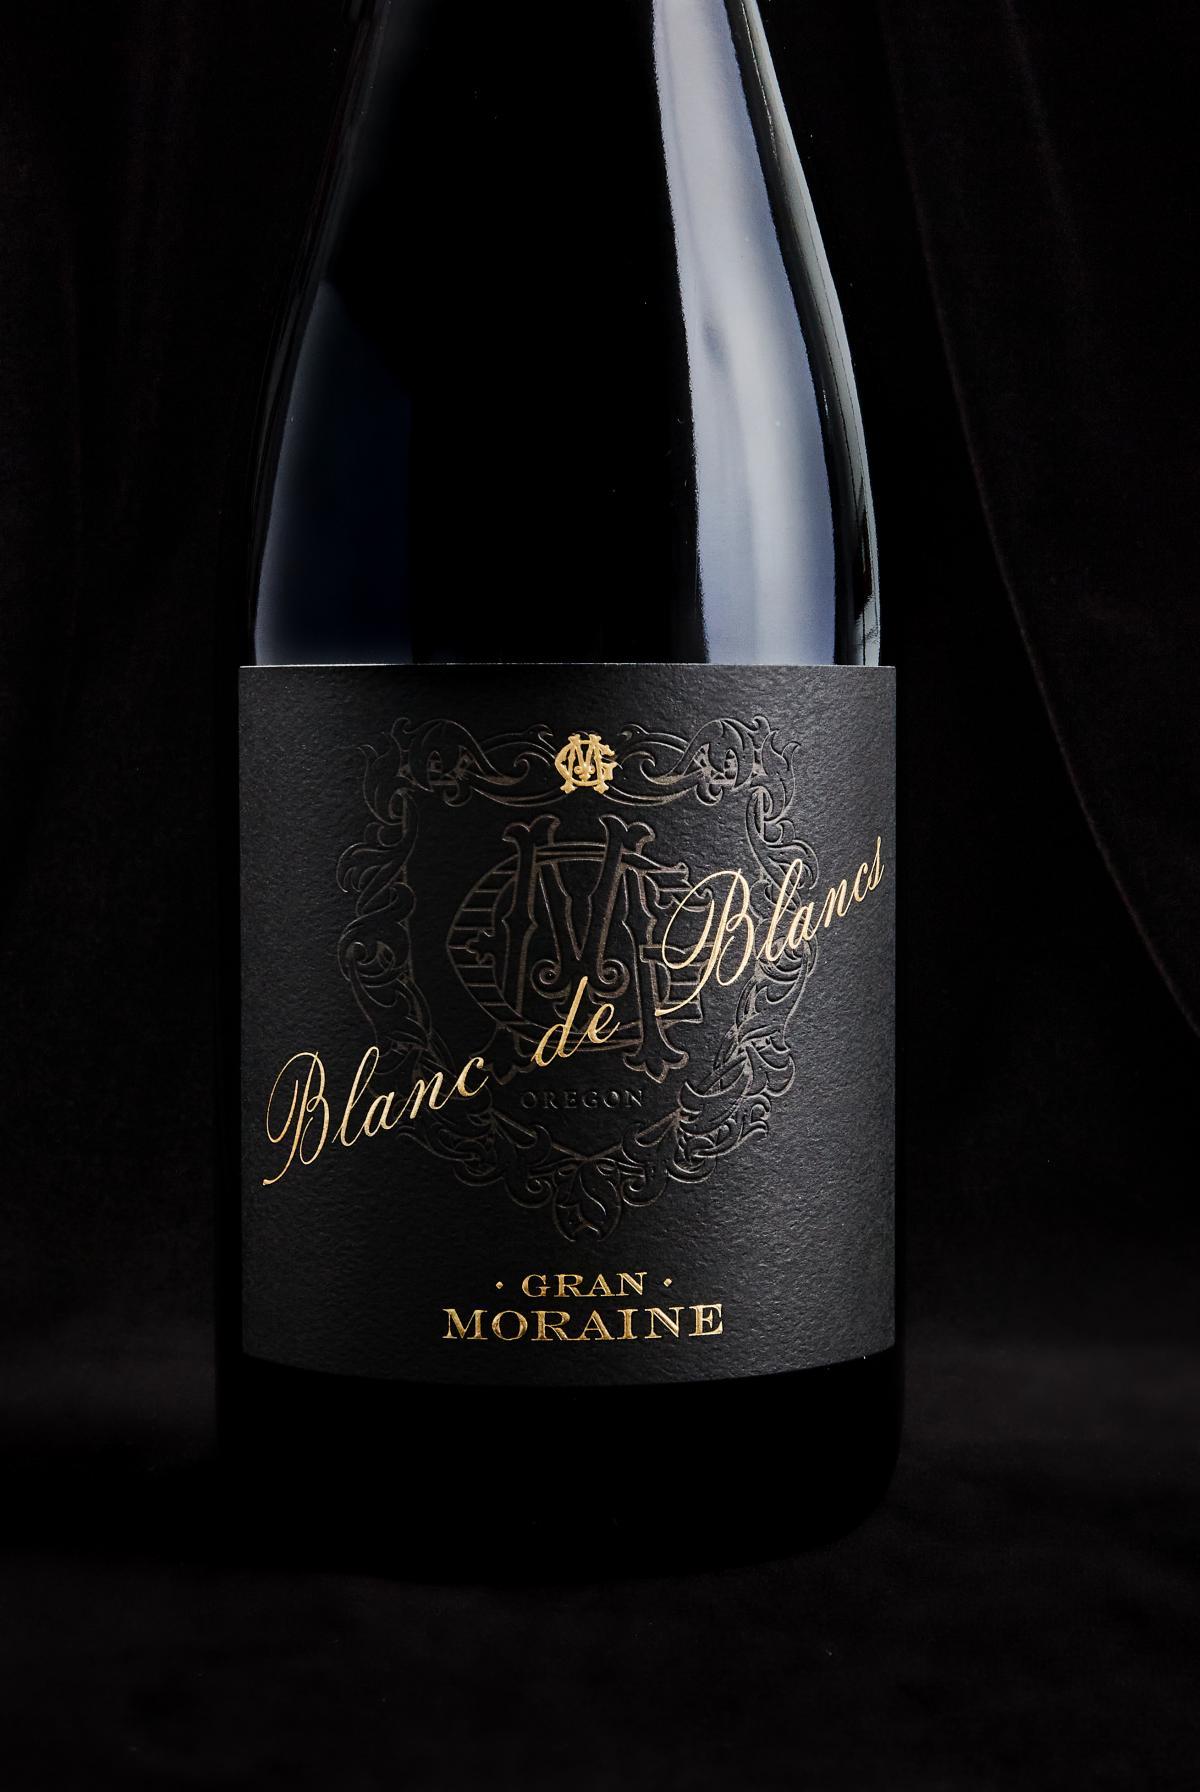 Blanc de Blanc bottle against a black background